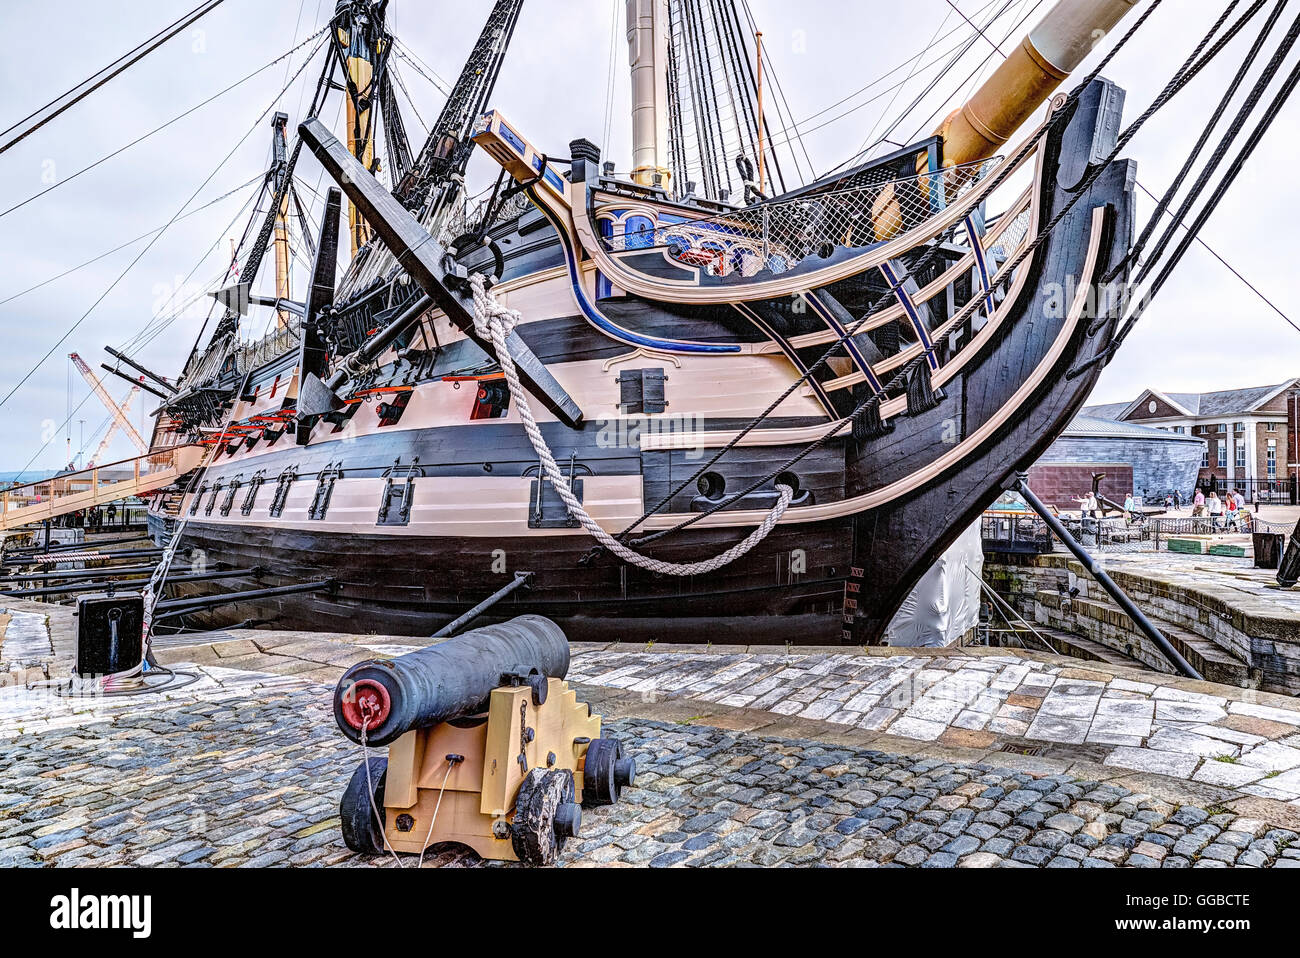 Portsmouth Historic Dockyard, Victory, Portsmouth, Hampshire, England, UK - Stock Image